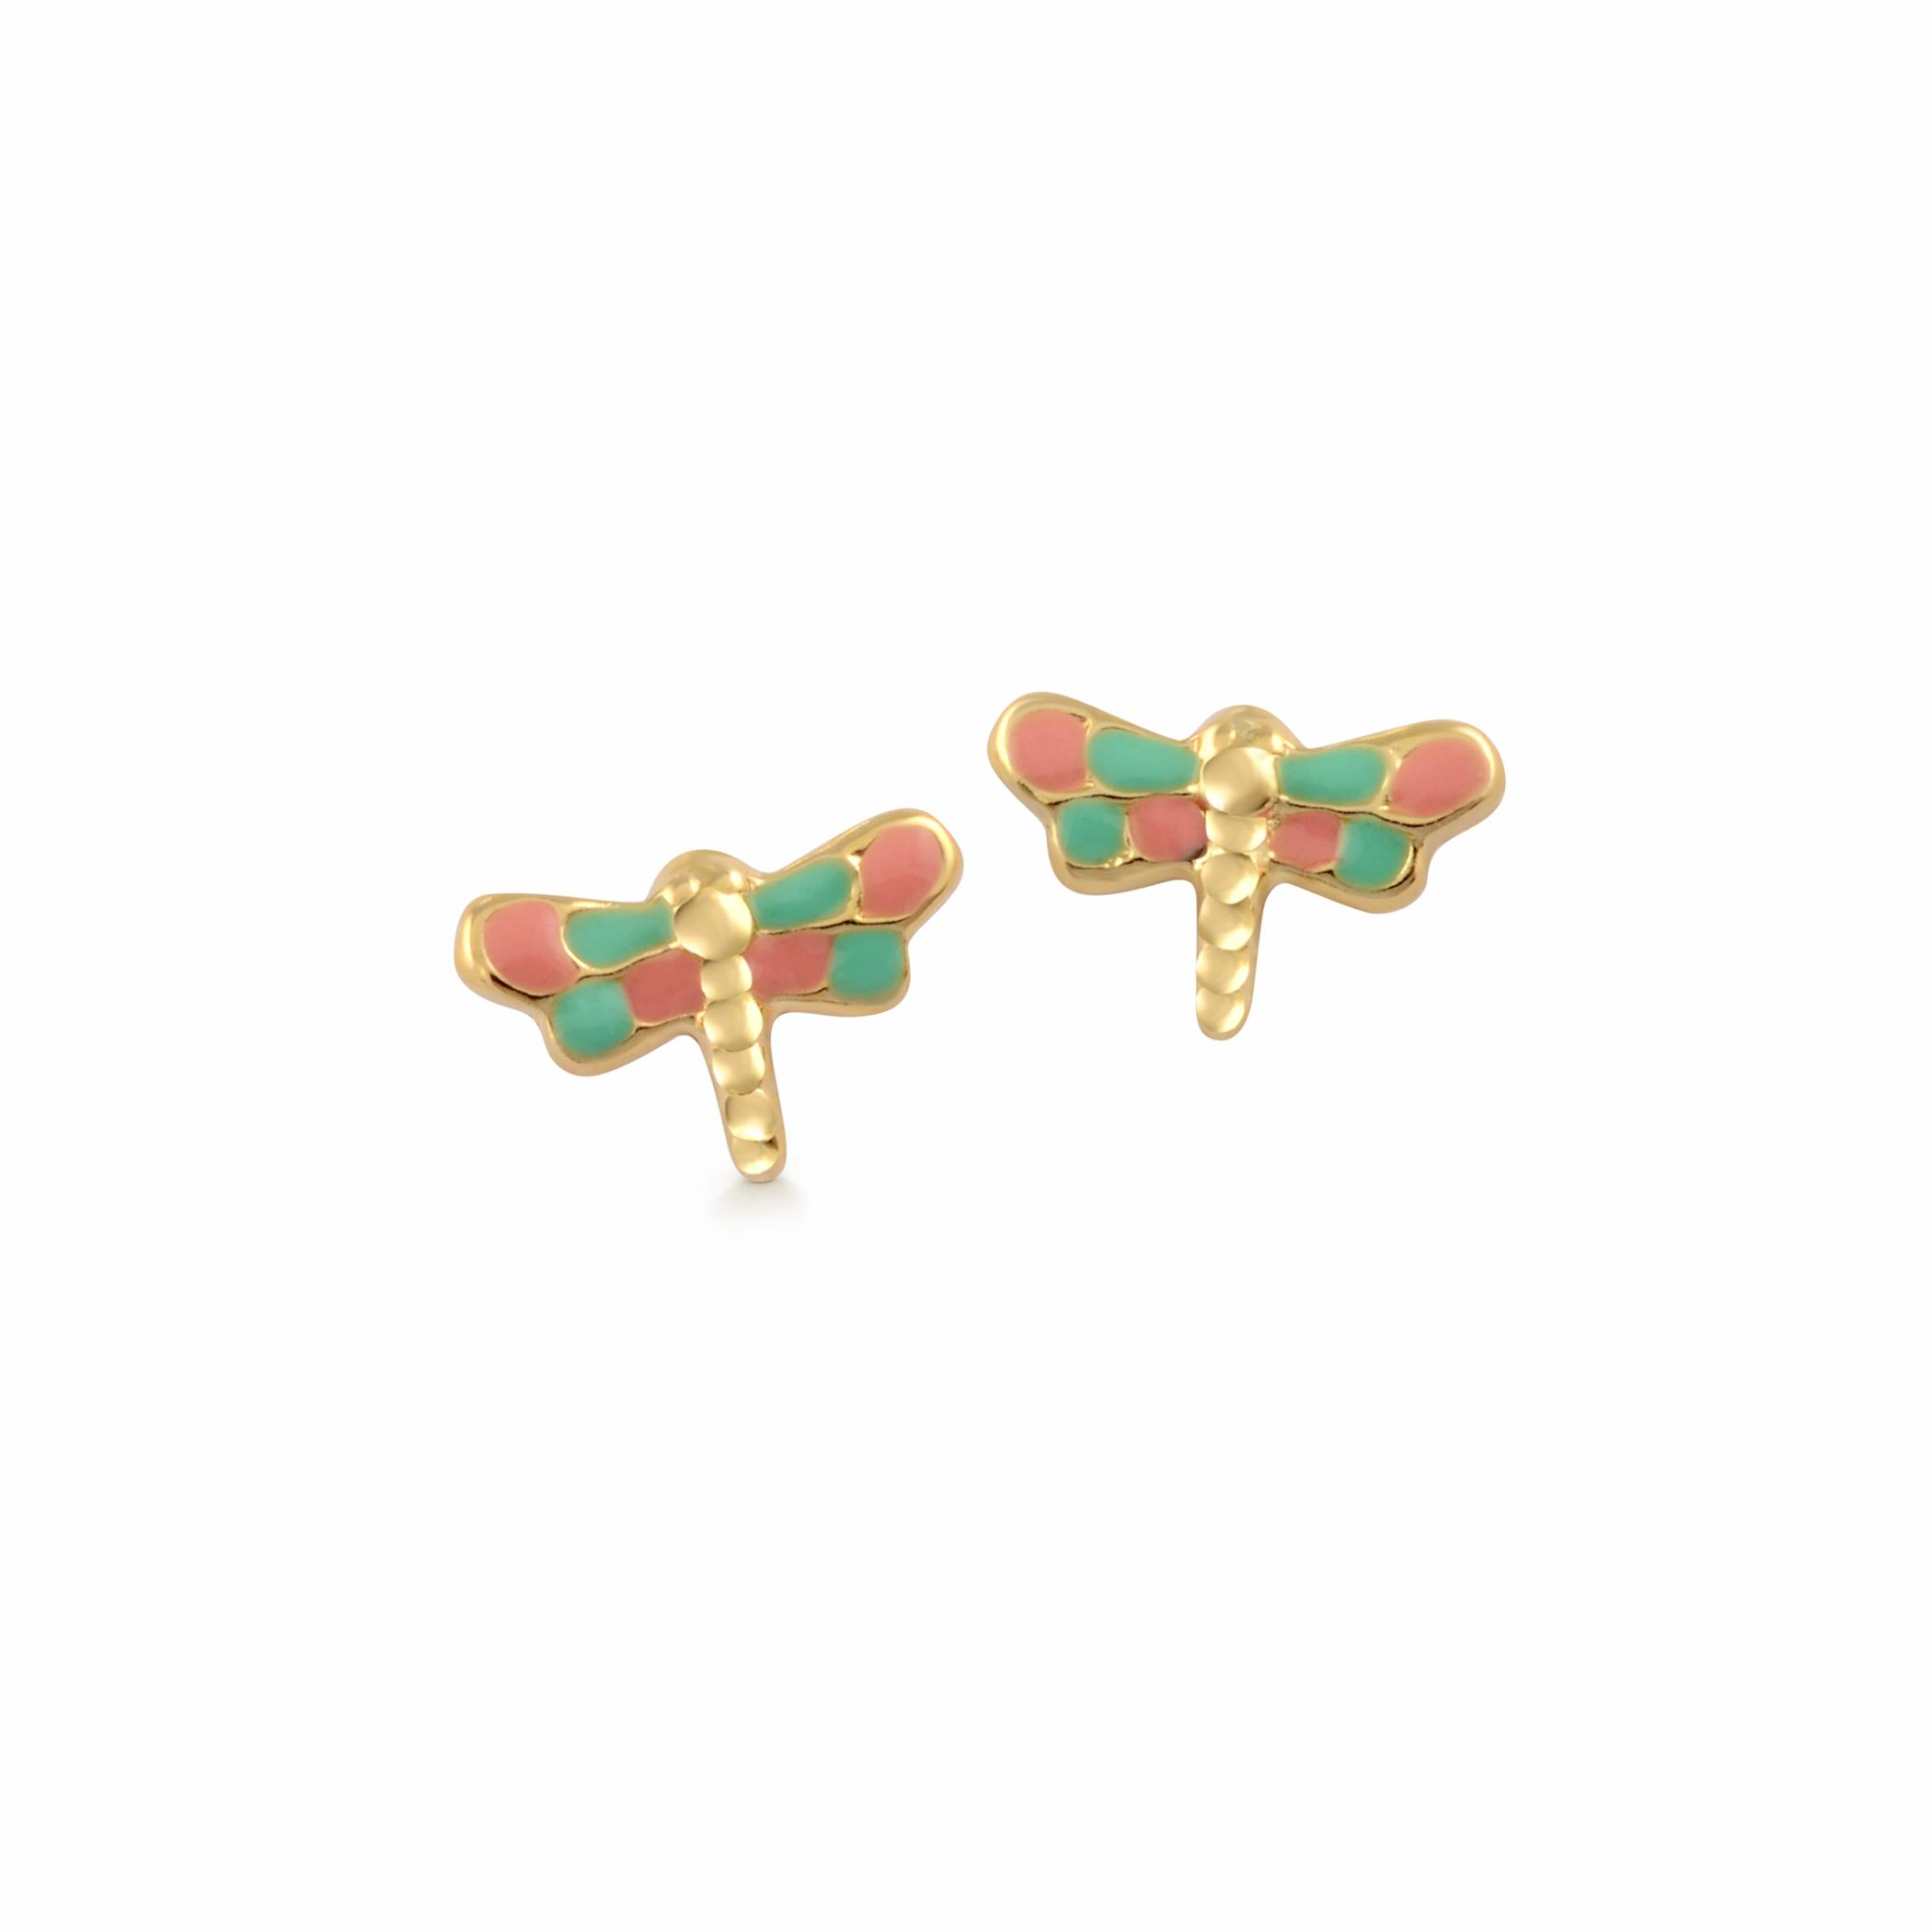 Boucles d'oreilles libellules en émail à tiges fixes pour bébés/enfants - Or jaune 10K